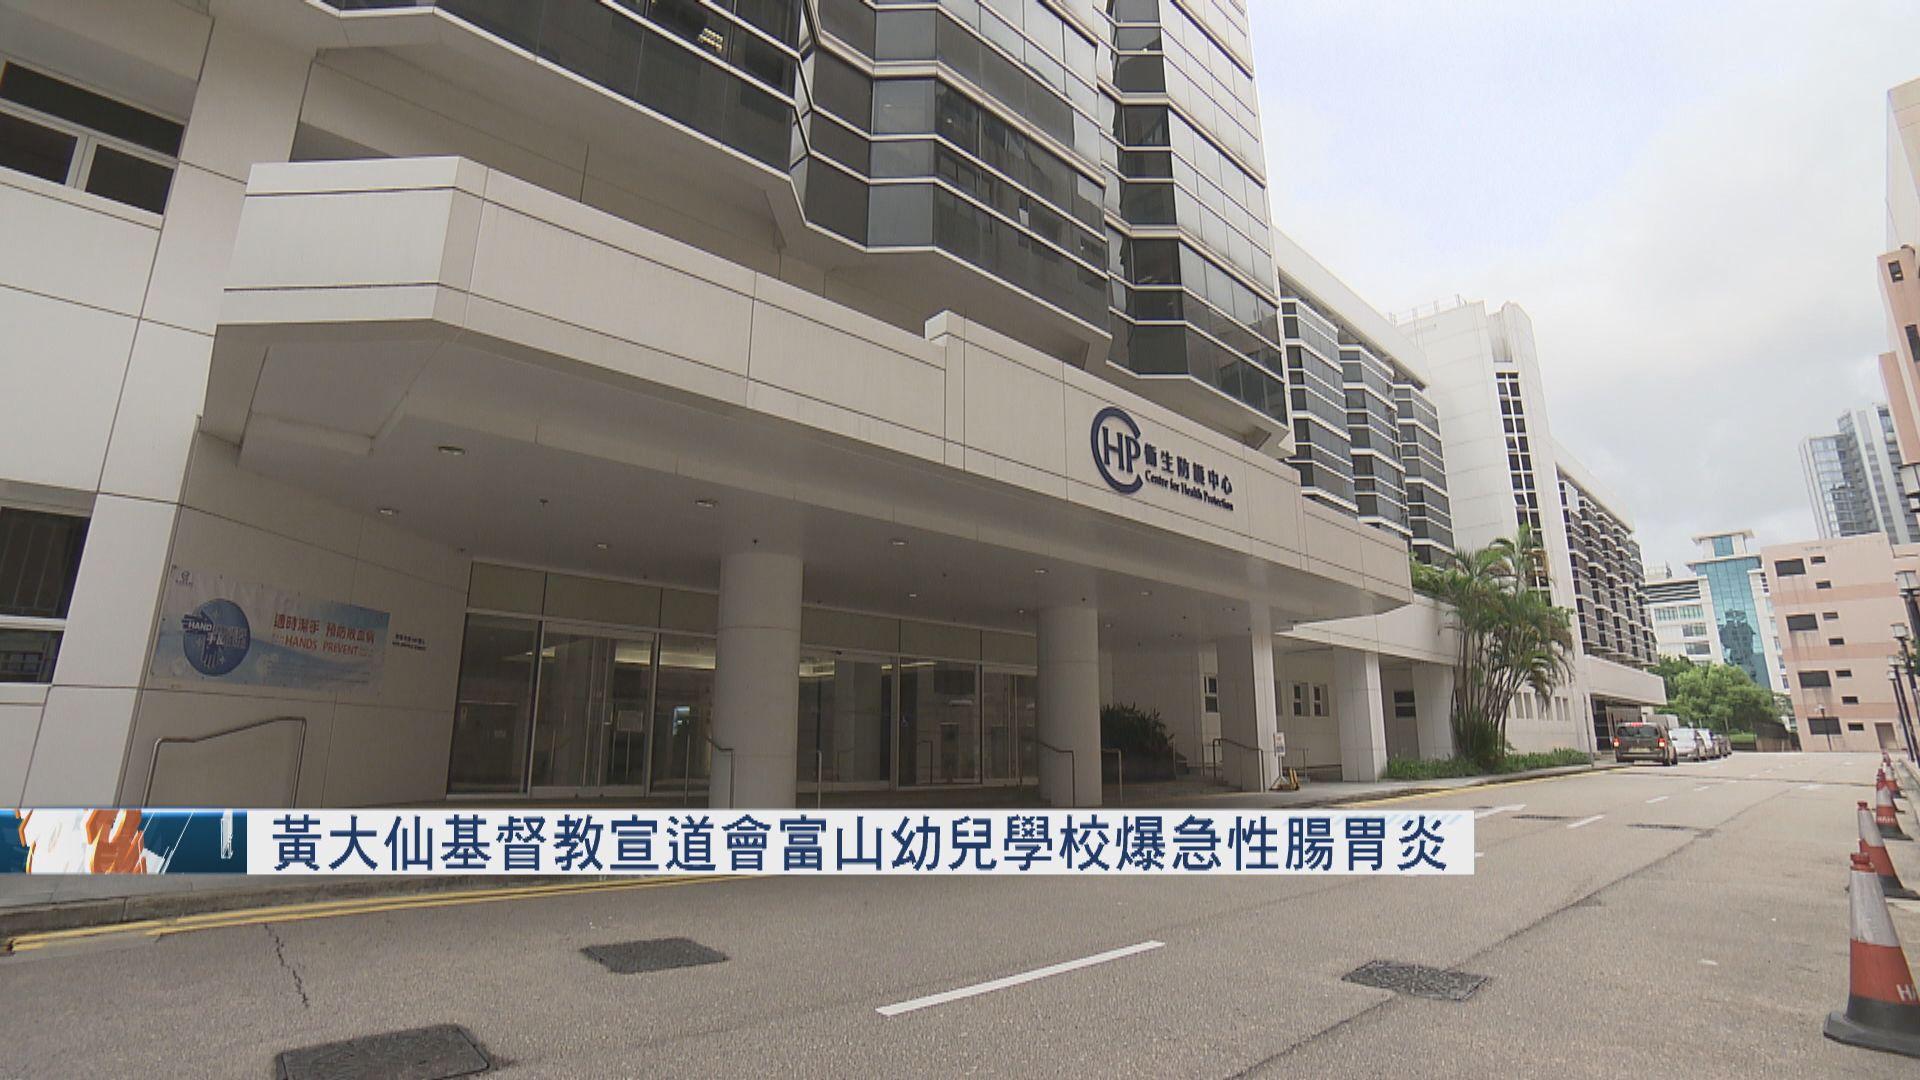 黃大仙基督教宣道會富山幼兒學校爆急性腸胃炎